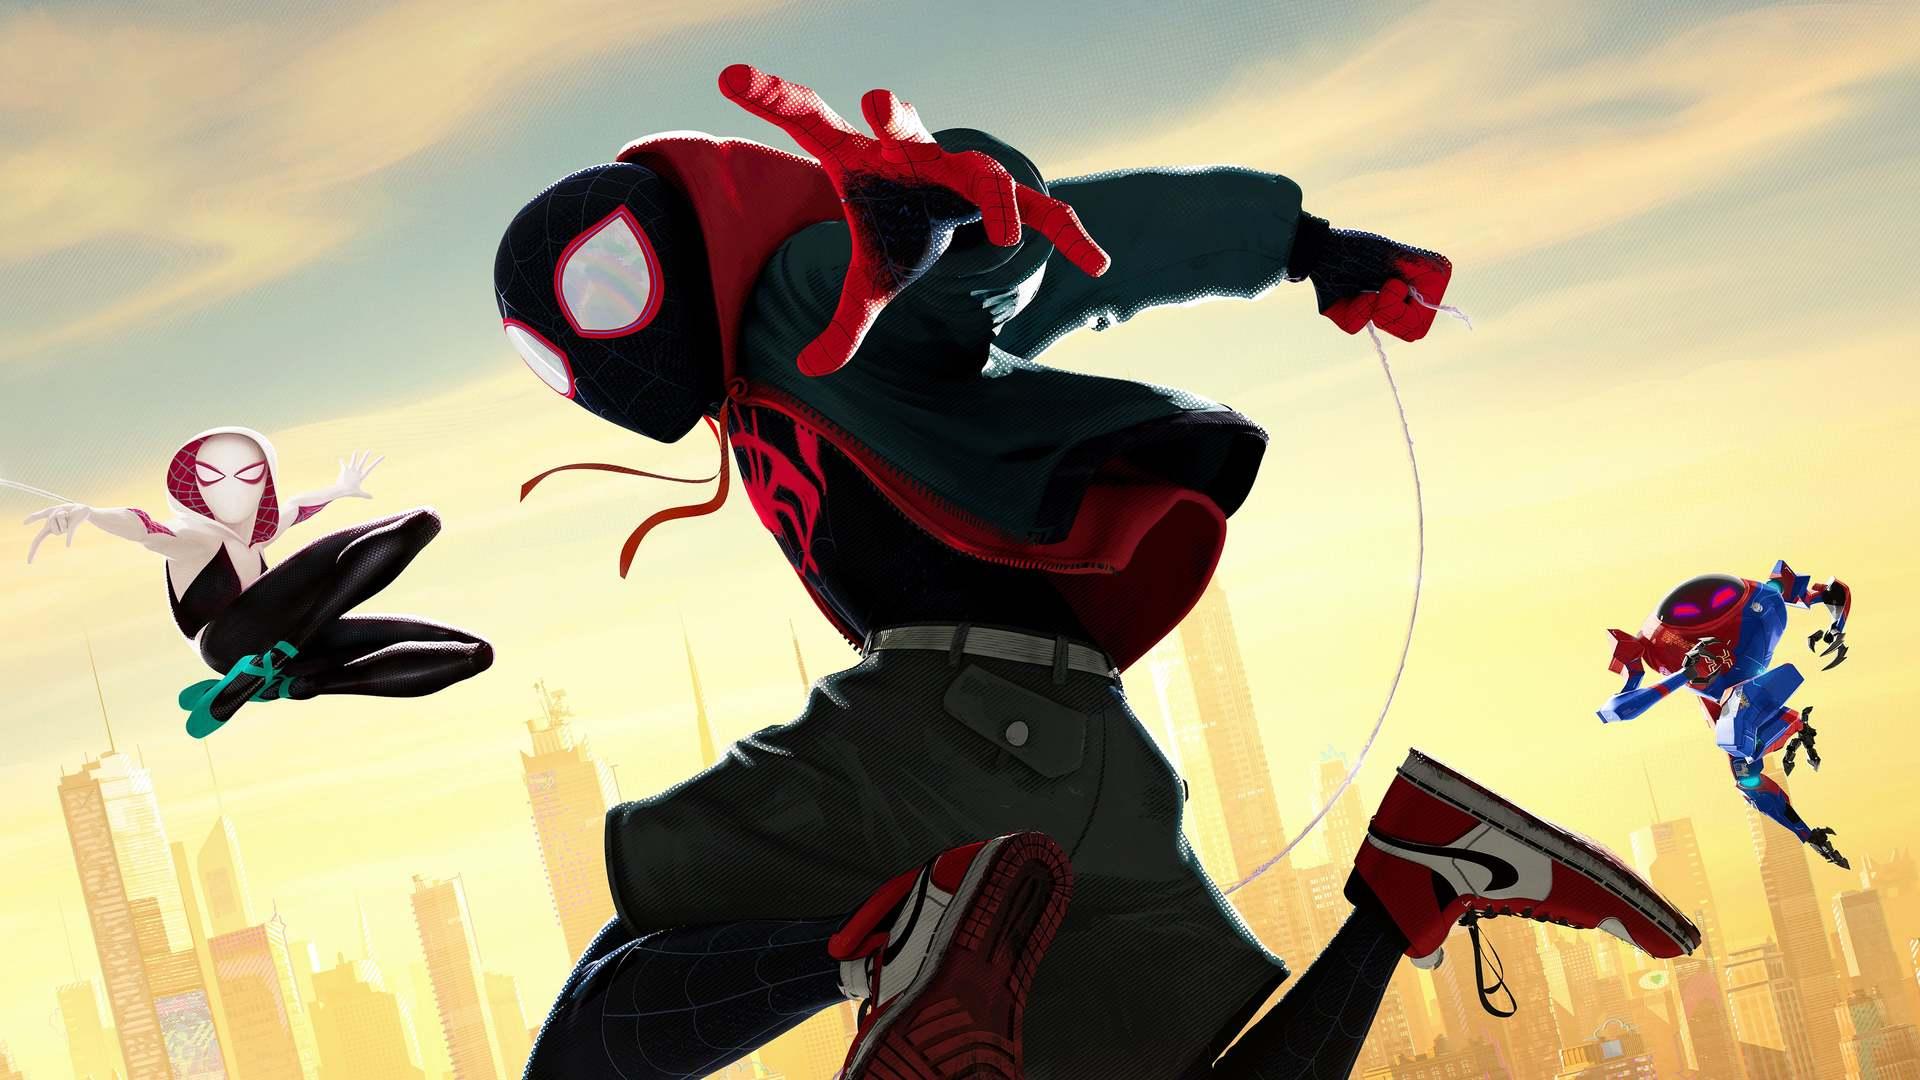 Кадры из фильма Человек-паук: Через вселенные Spider-Man: Into the Spider-Verse 2018